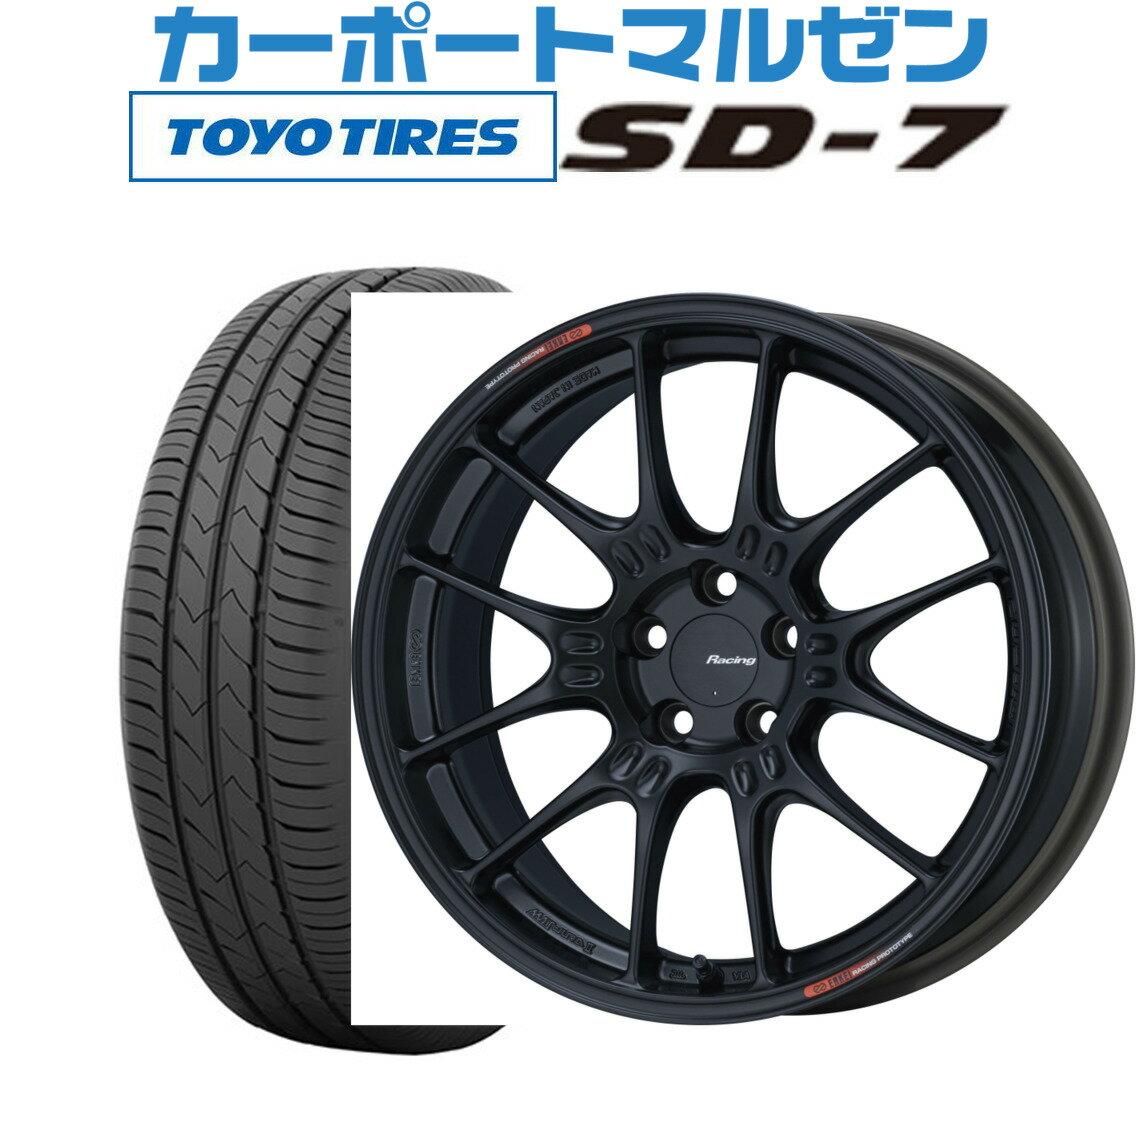 タイヤ・ホイール, サマータイヤ・ホイールセット 4 GTC0217 7.5J TOYO SD-721555R17 94V